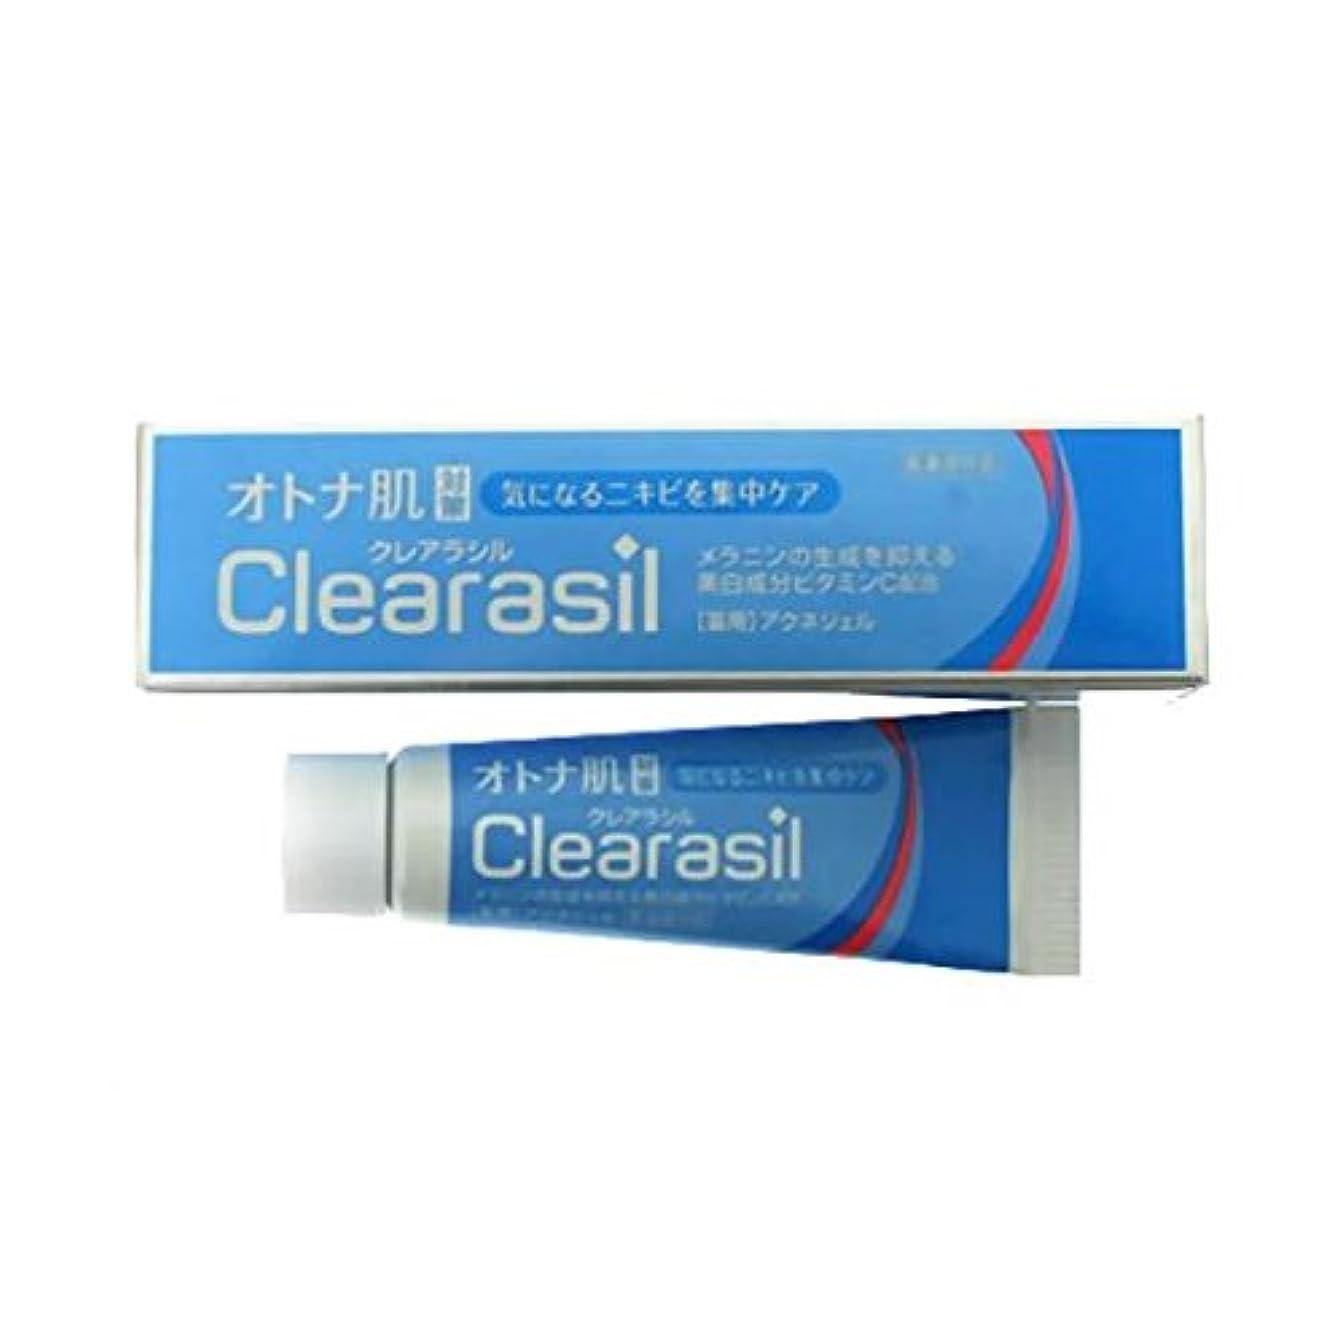 探す増強する団結するオトナ肌対策クレアラシル 薬用アクネジェル(14g) ×2セット